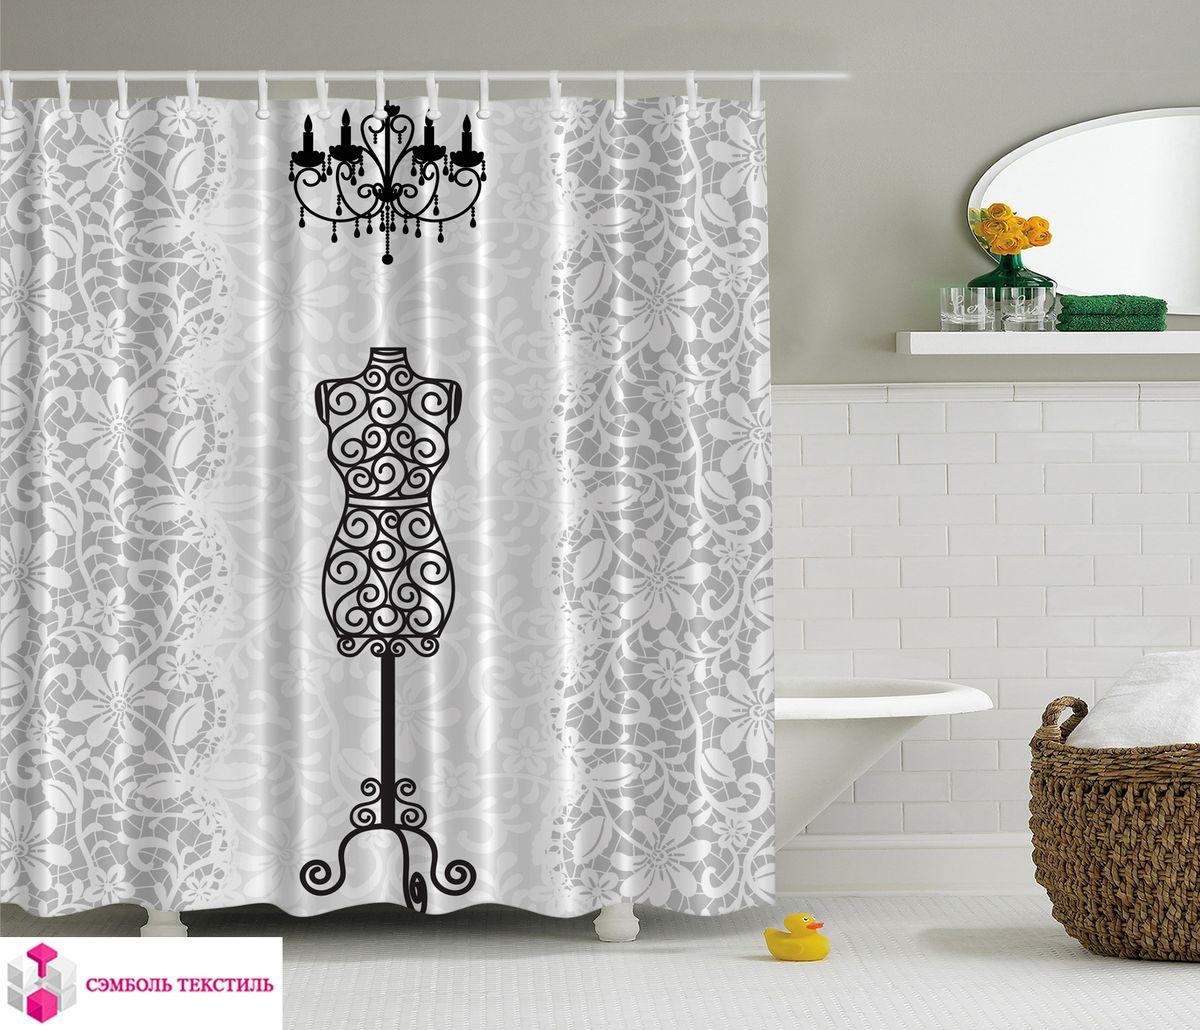 Штора для ванной комнаты Magic Lady Ателье, 180 х 200 см713164Штора Magic Lady Ателье, изготовленная из высококачественного сатена (полиэстер 100%), отлично дополнит любой интерьер ванной комнаты. При изготовлении используются специальные гипоаллергенные чернила для прямой печати по ткани, безопасные для человека.В комплекте: 1 штора, 12 крючков. Обращаем ваше внимание, фактический цвет изделия может незначительно отличаться от представленного на фото.